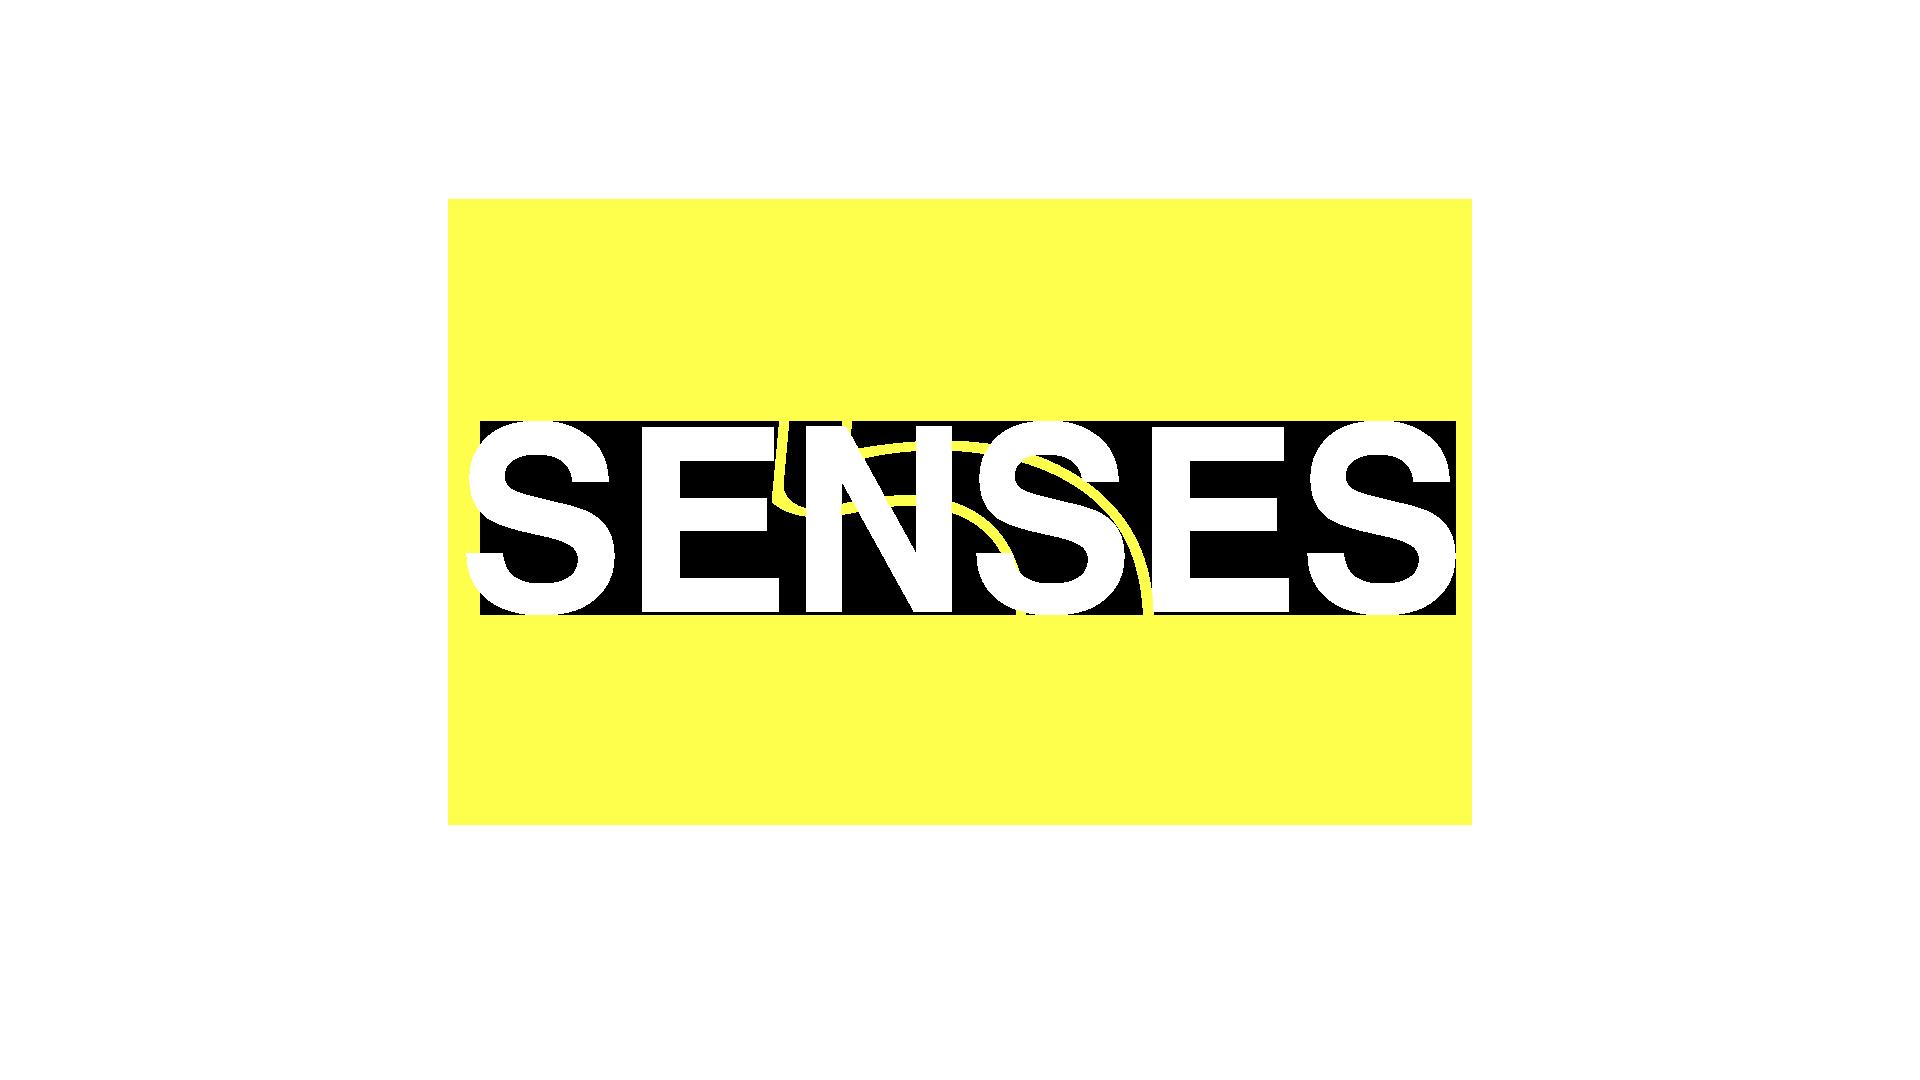 5 senses yellow white .png